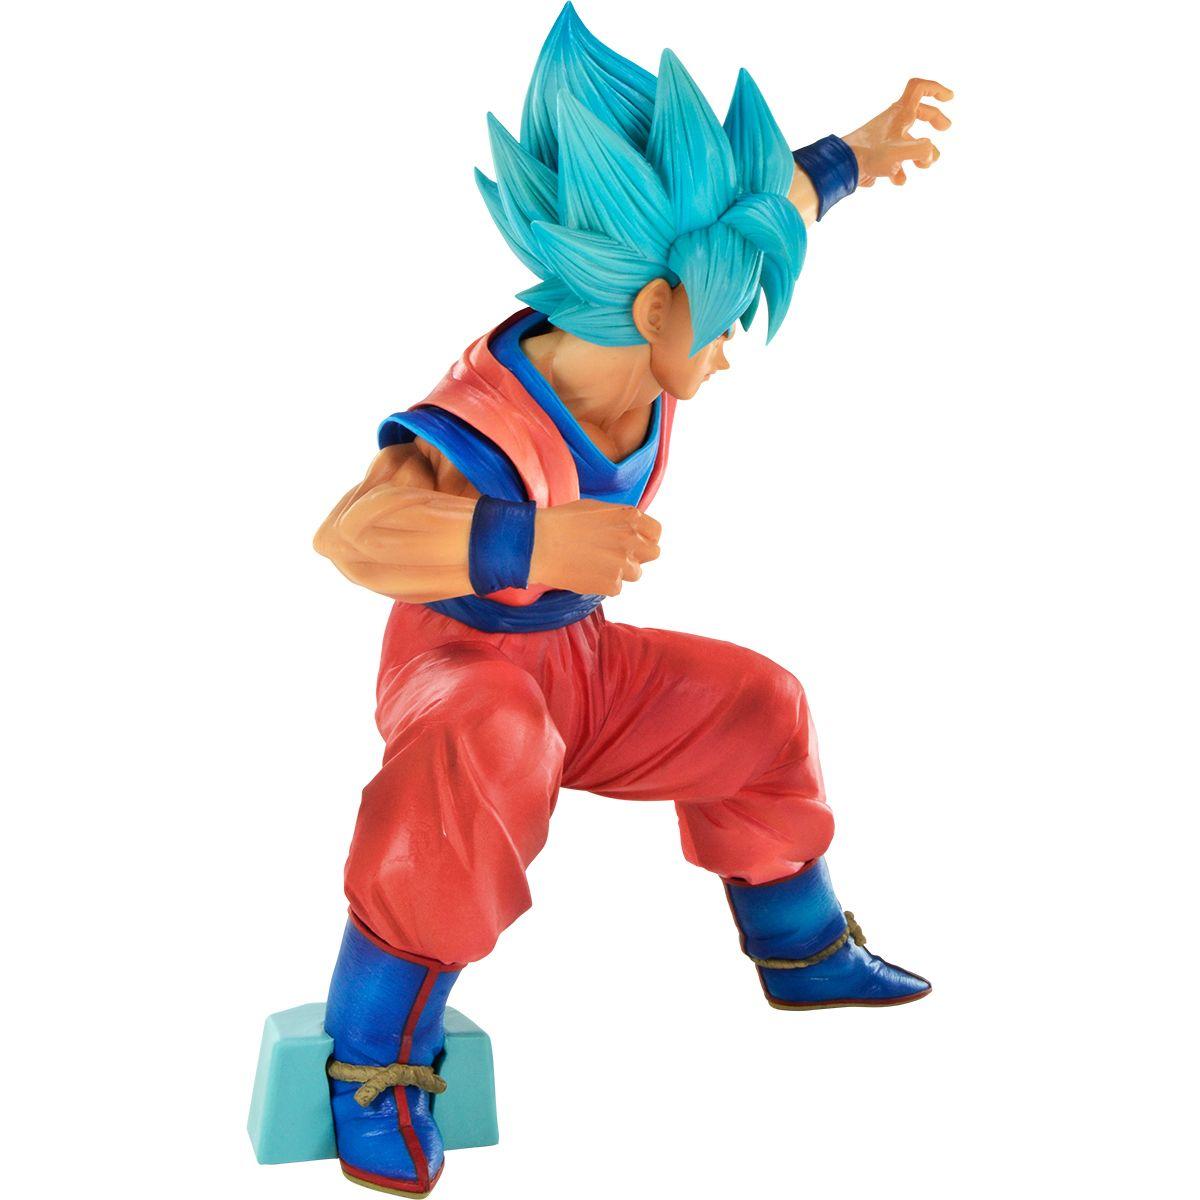 Action Figure Goku Blue (Big Size): Dragon Ball Super (Boneco Colecionável) - Banpresto